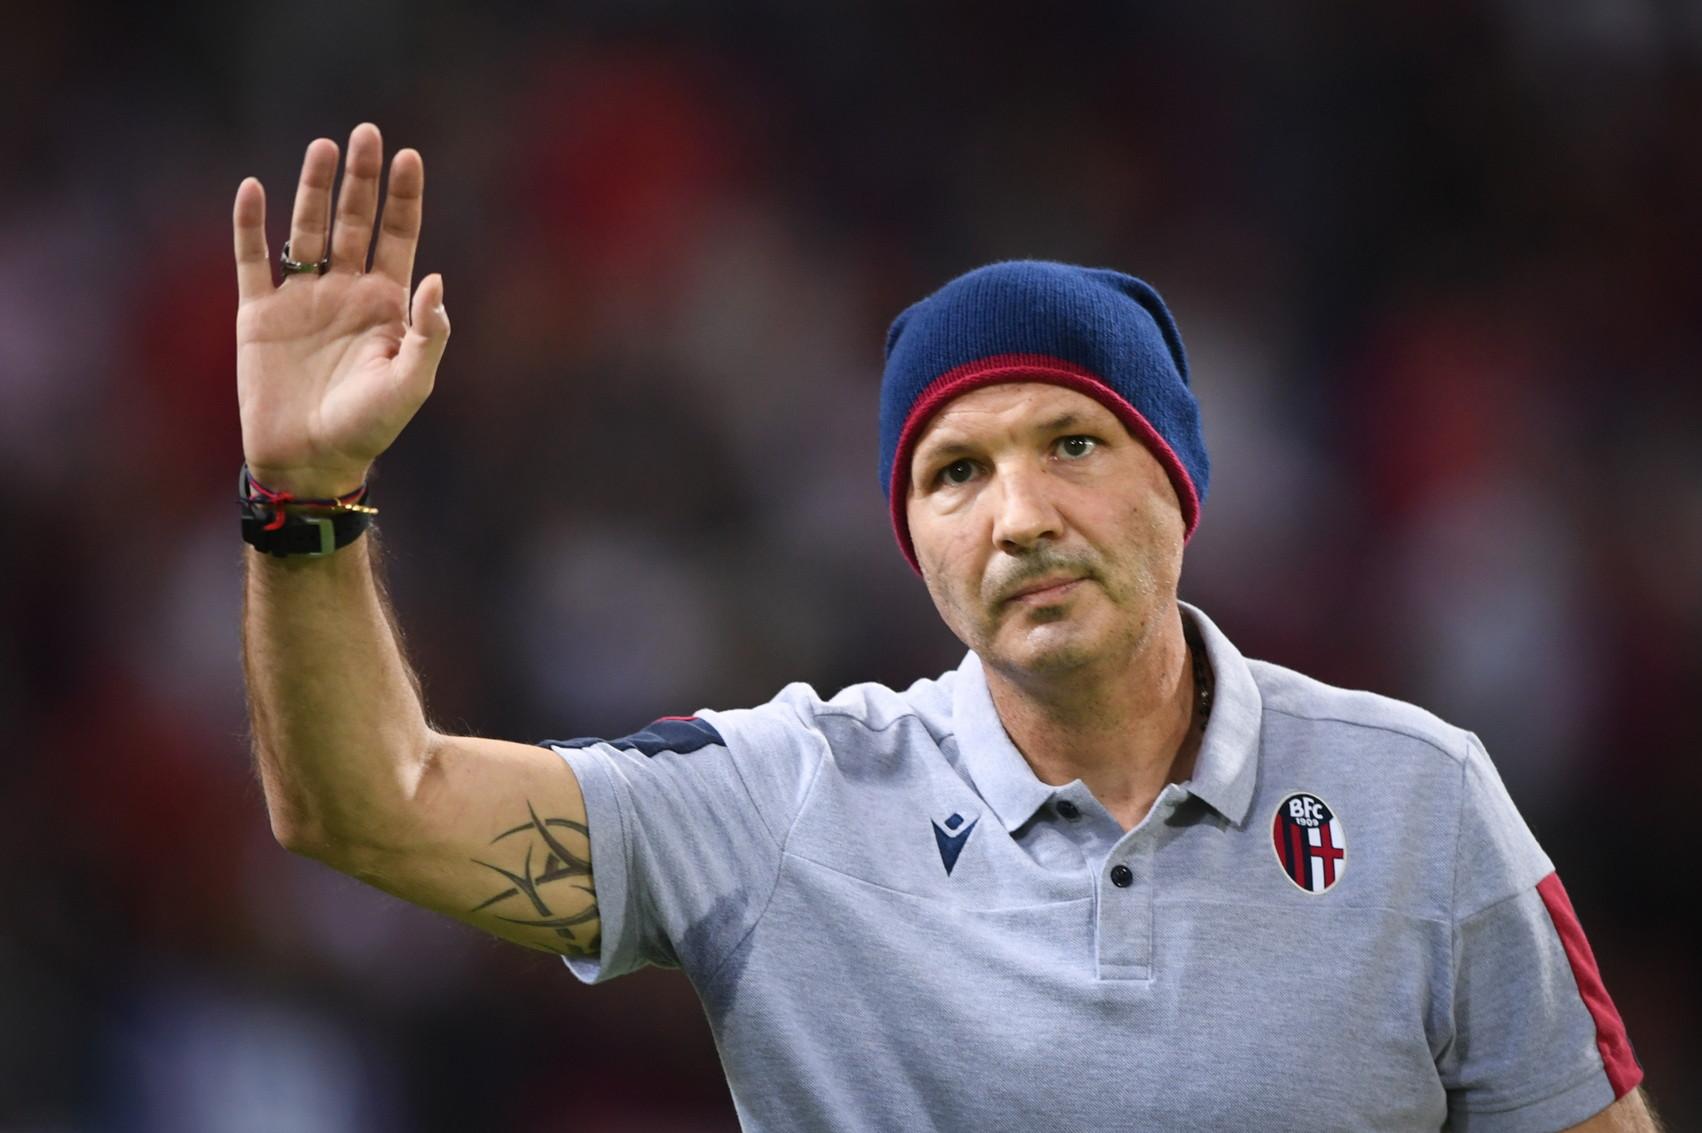 """""""Combattiamo ogni battaglia per Sinisa e per la maglia"""". Con questo striscione la curva del Bologna ha accolto l'ingresso in campo dei r..."""